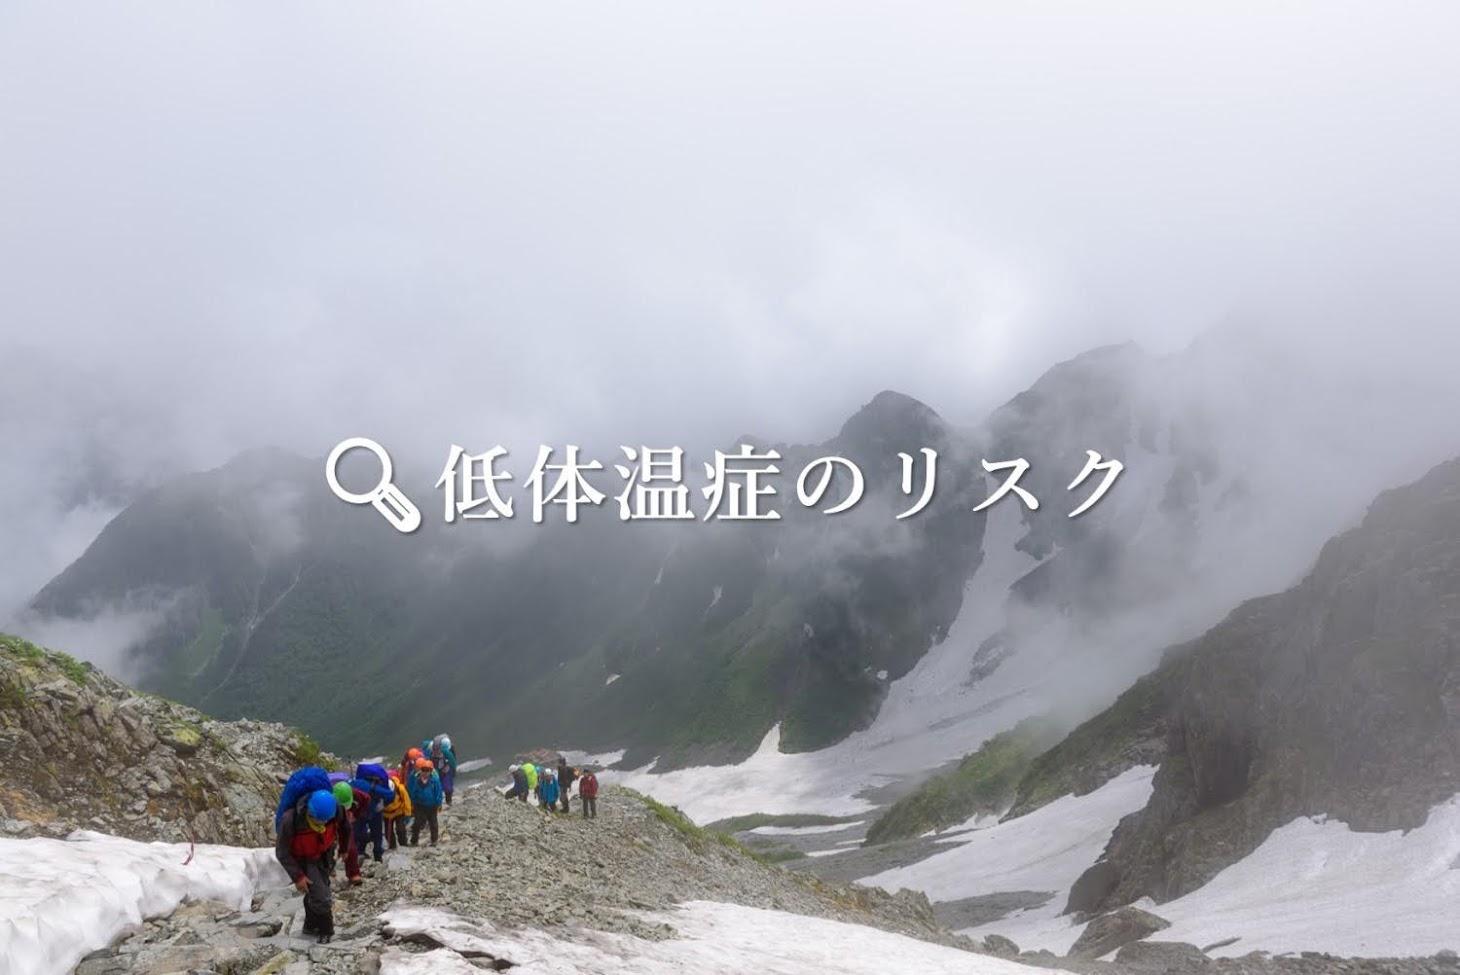 夏山こそ怖い低体温症のリスク:寒さで震えた登山の実体験「5選」